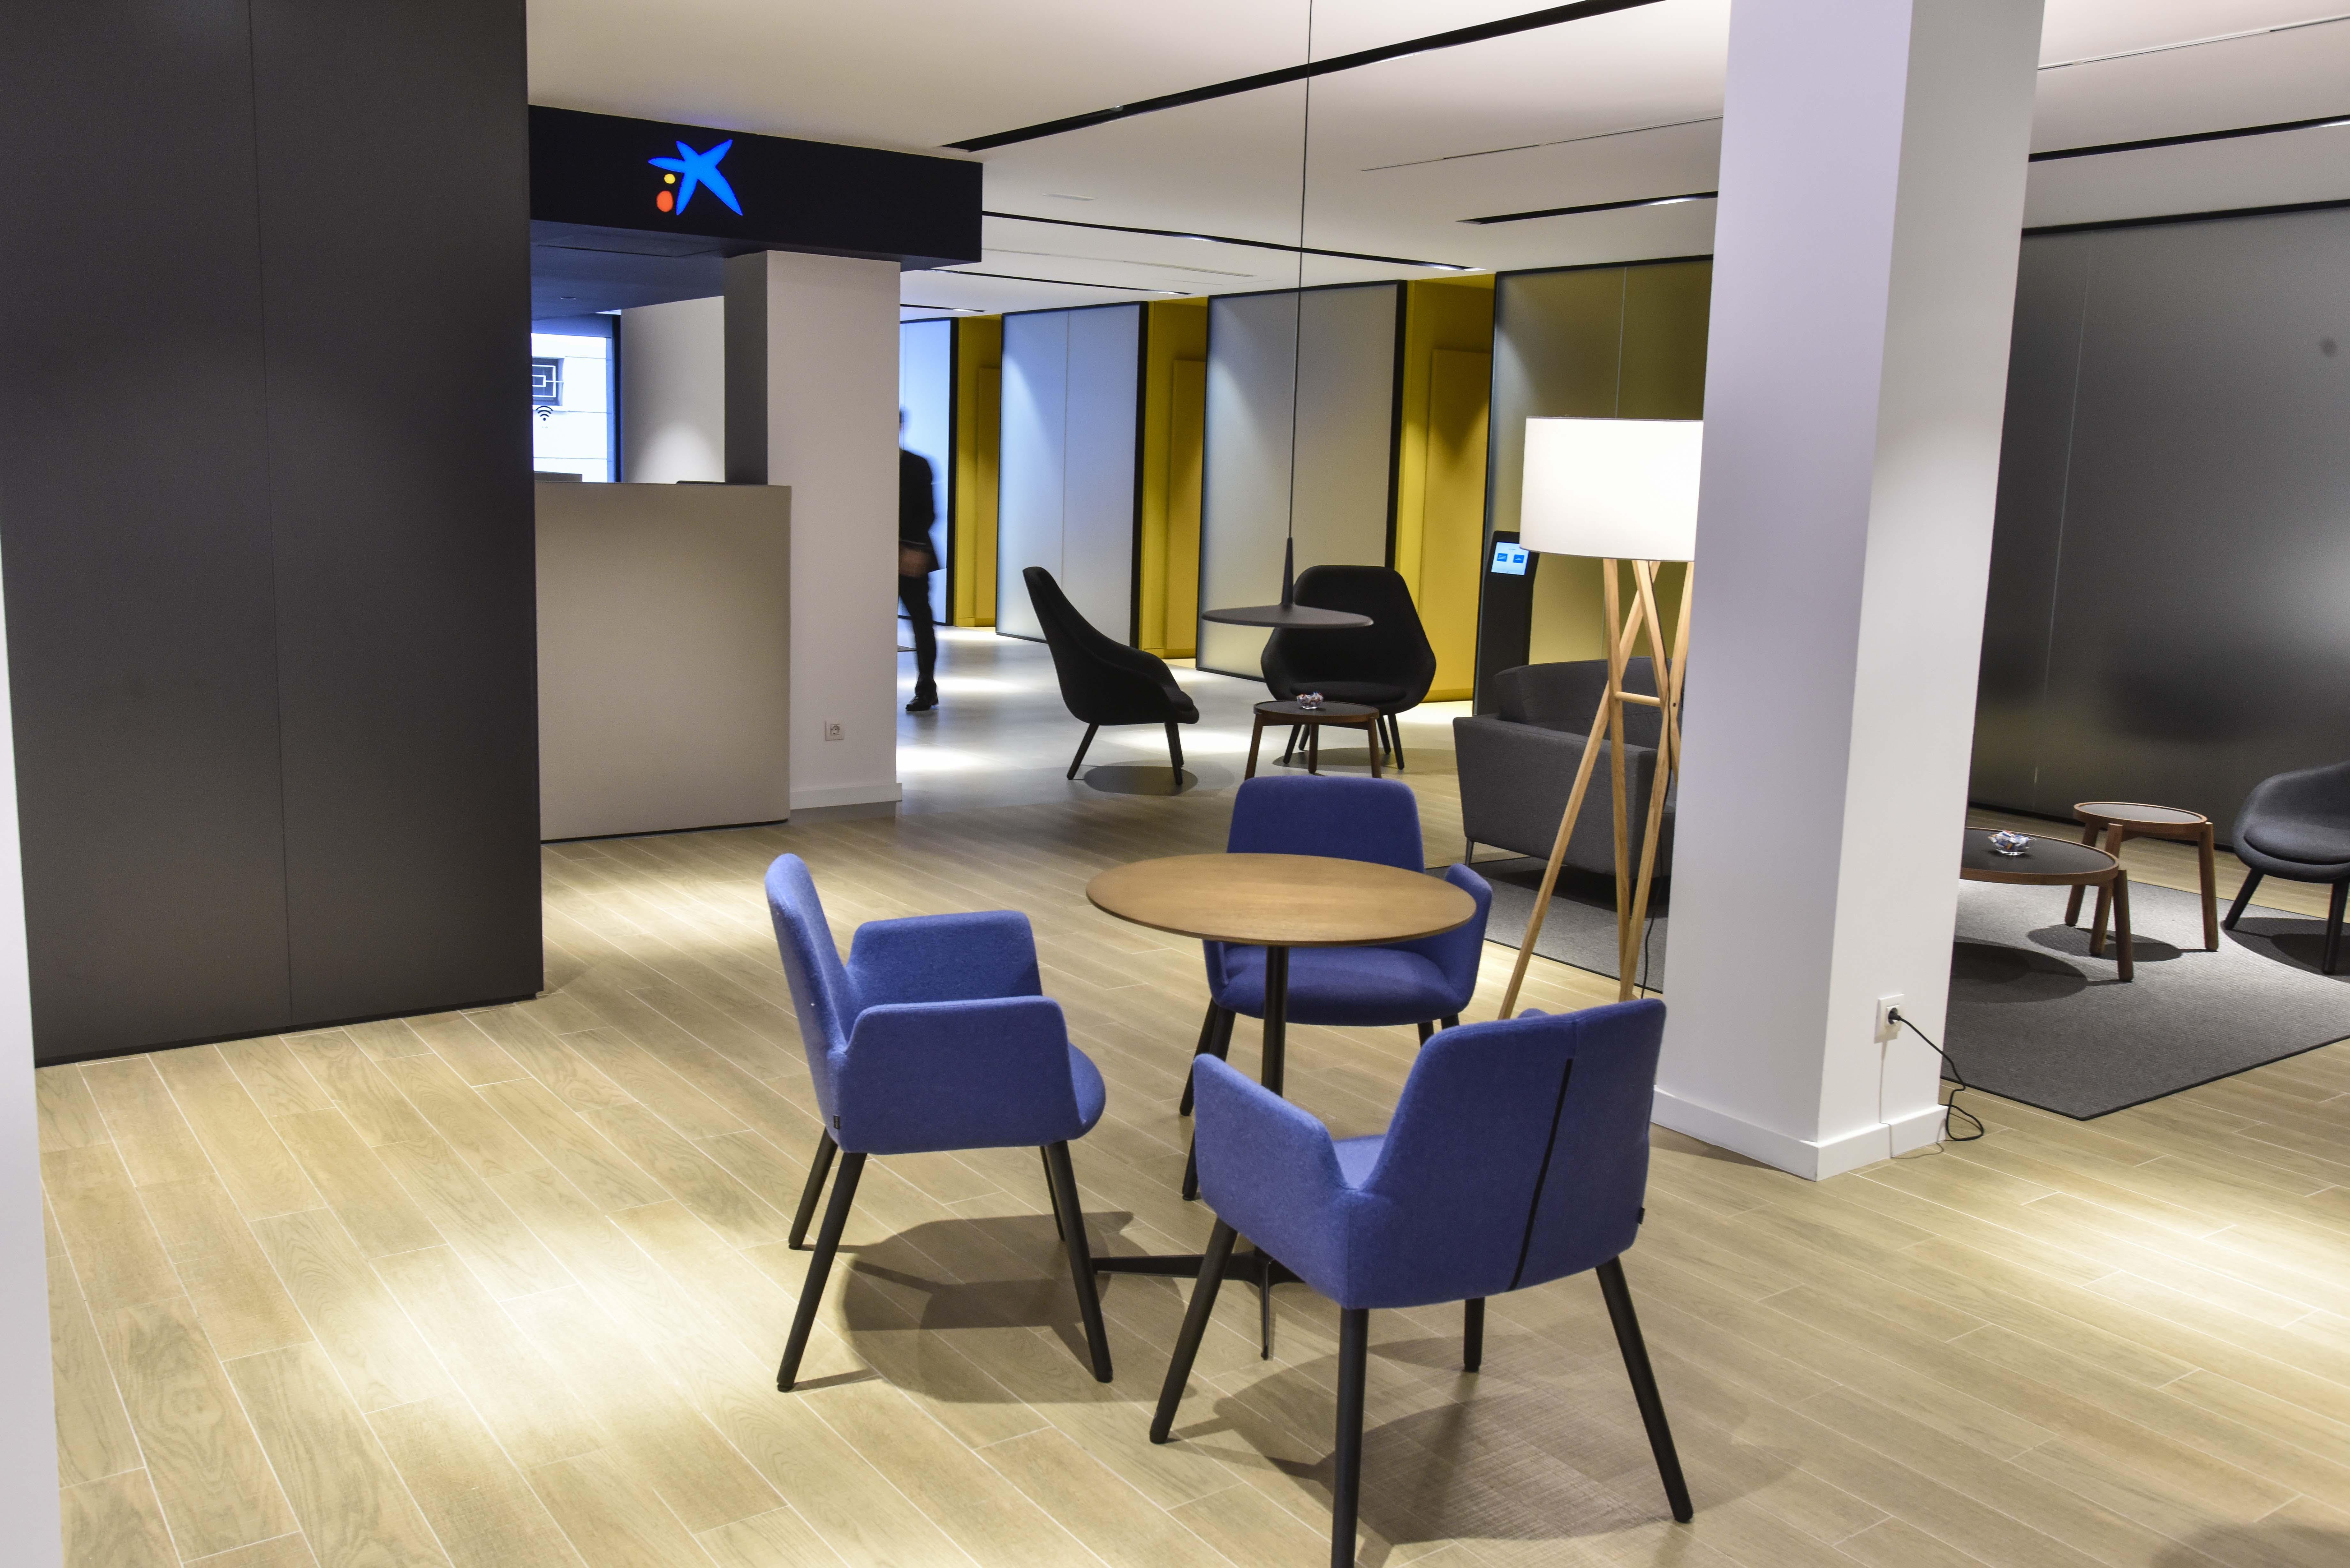 Caixabank Abrirá 200 Oficinas De Su Nuevo Modelo Store En